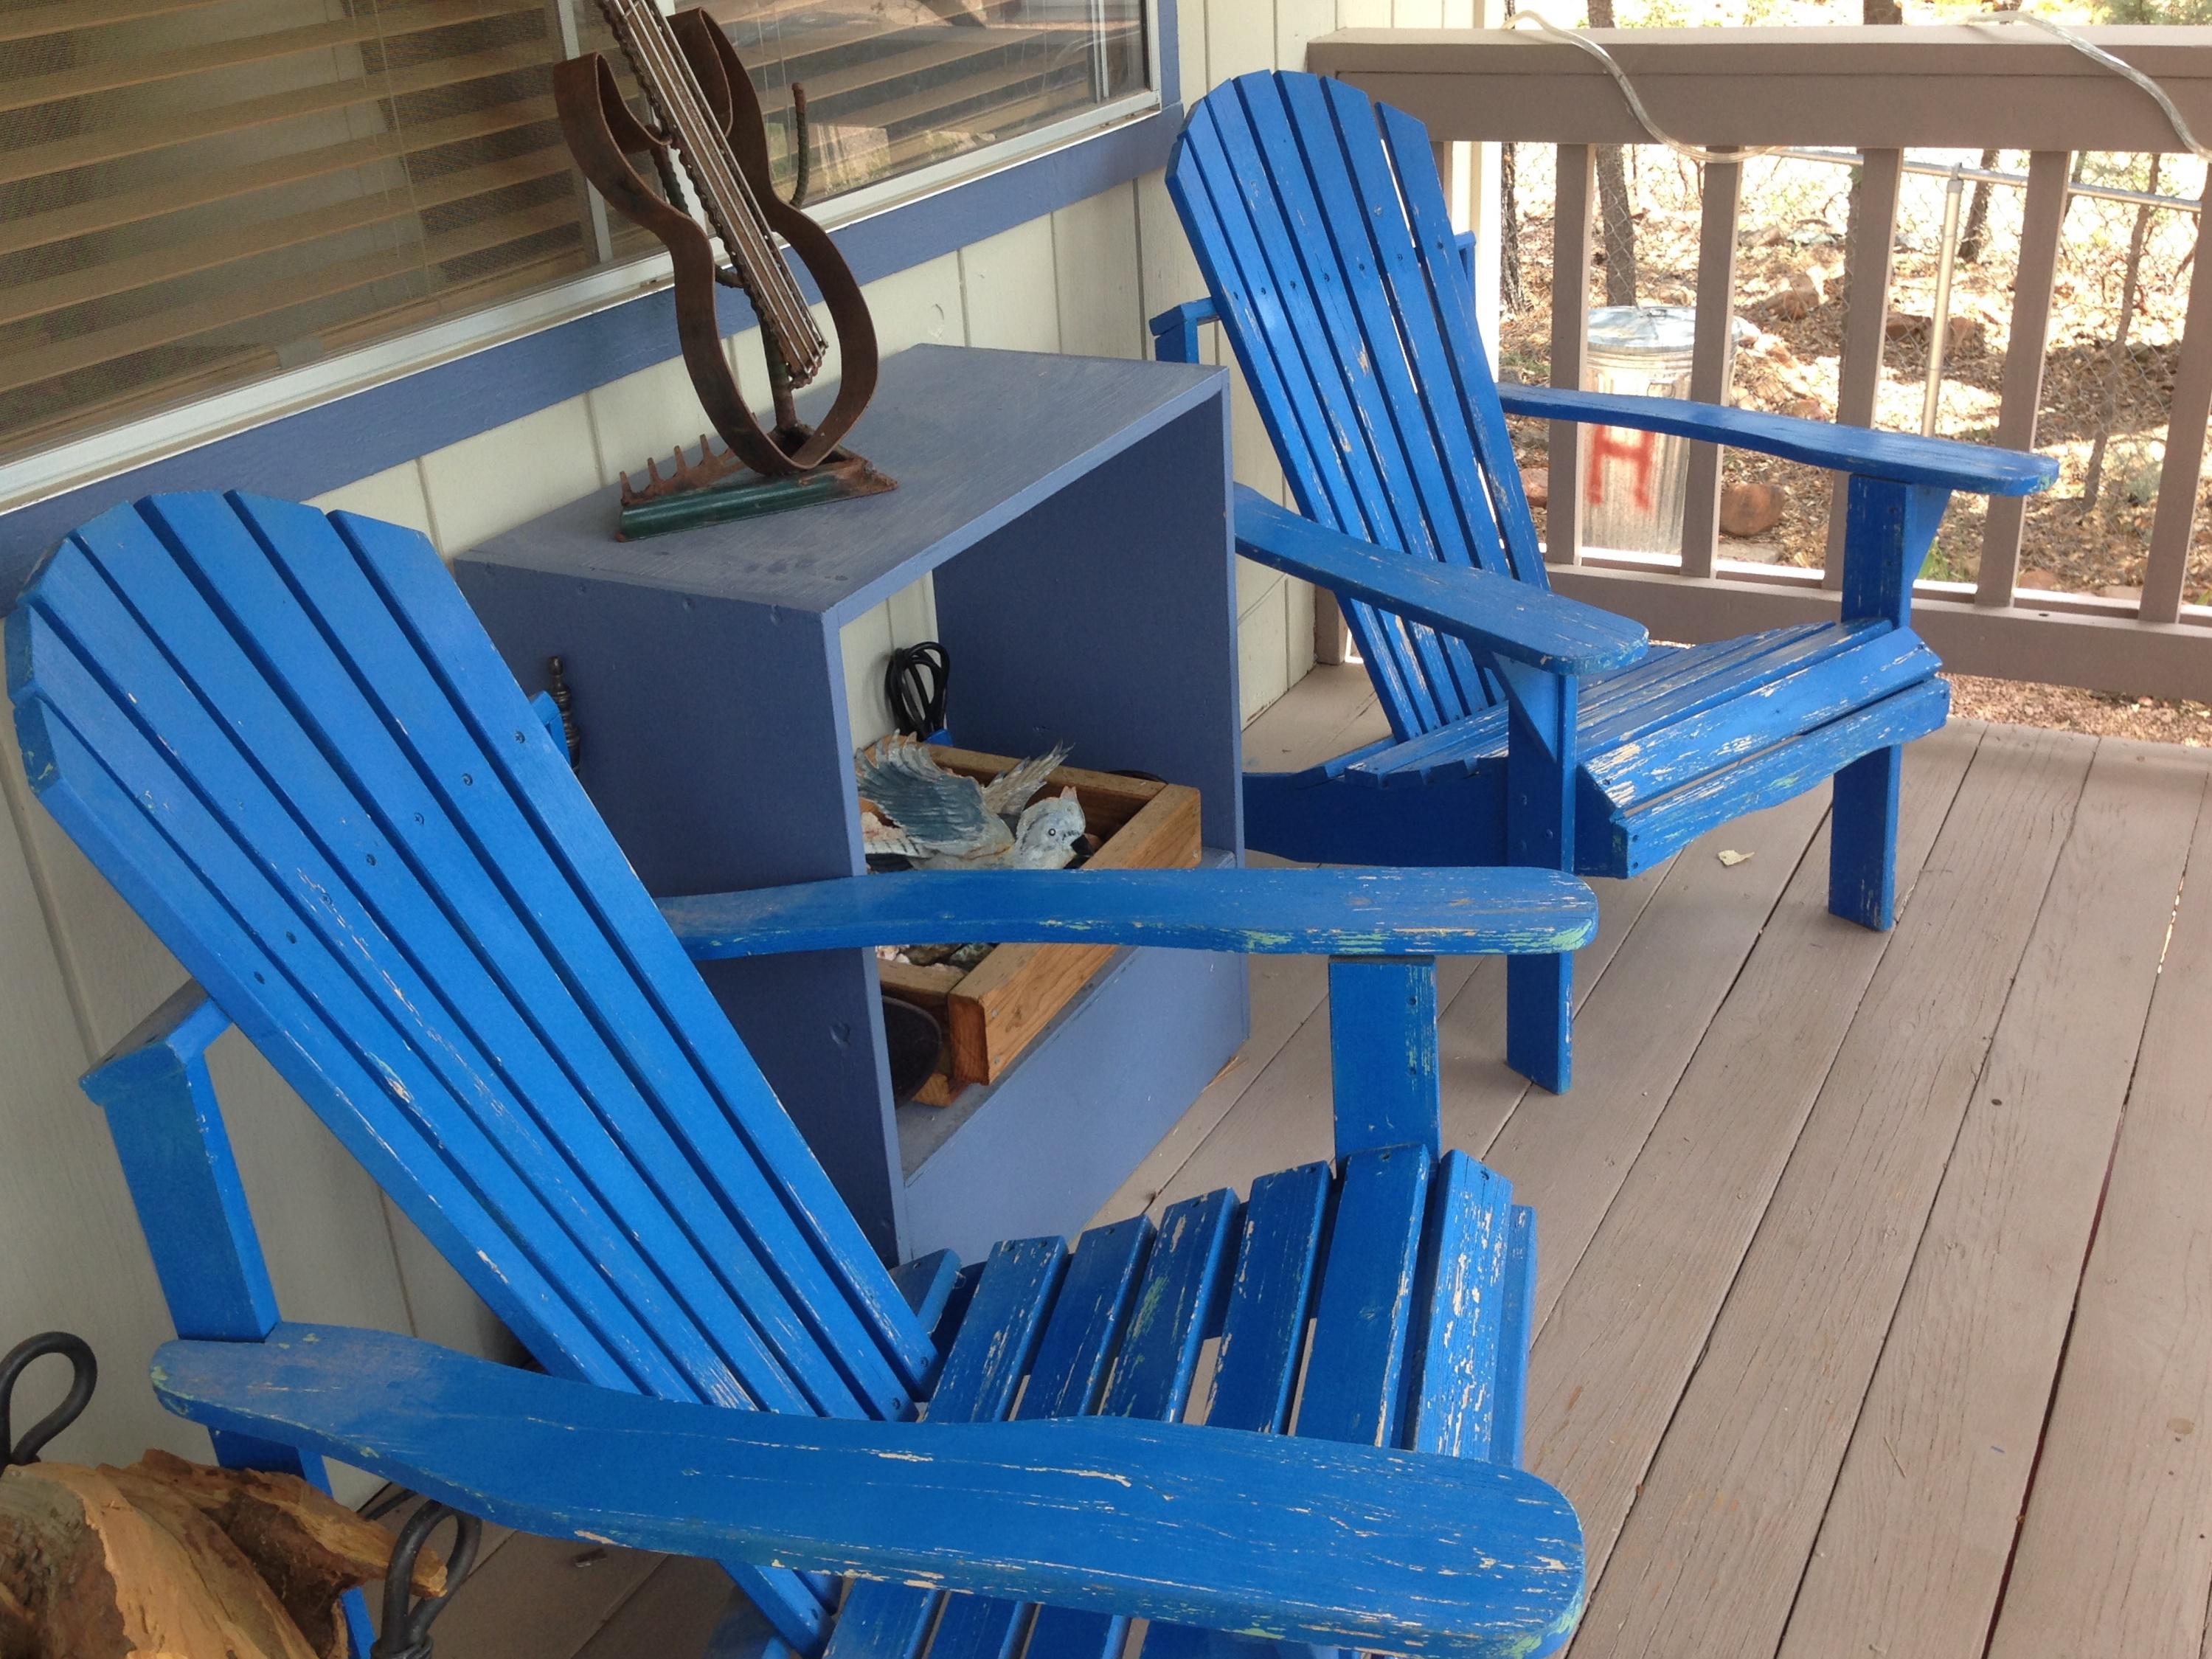 Images Gratuites : table, bois, banc, chaise, bleu, meubles ...